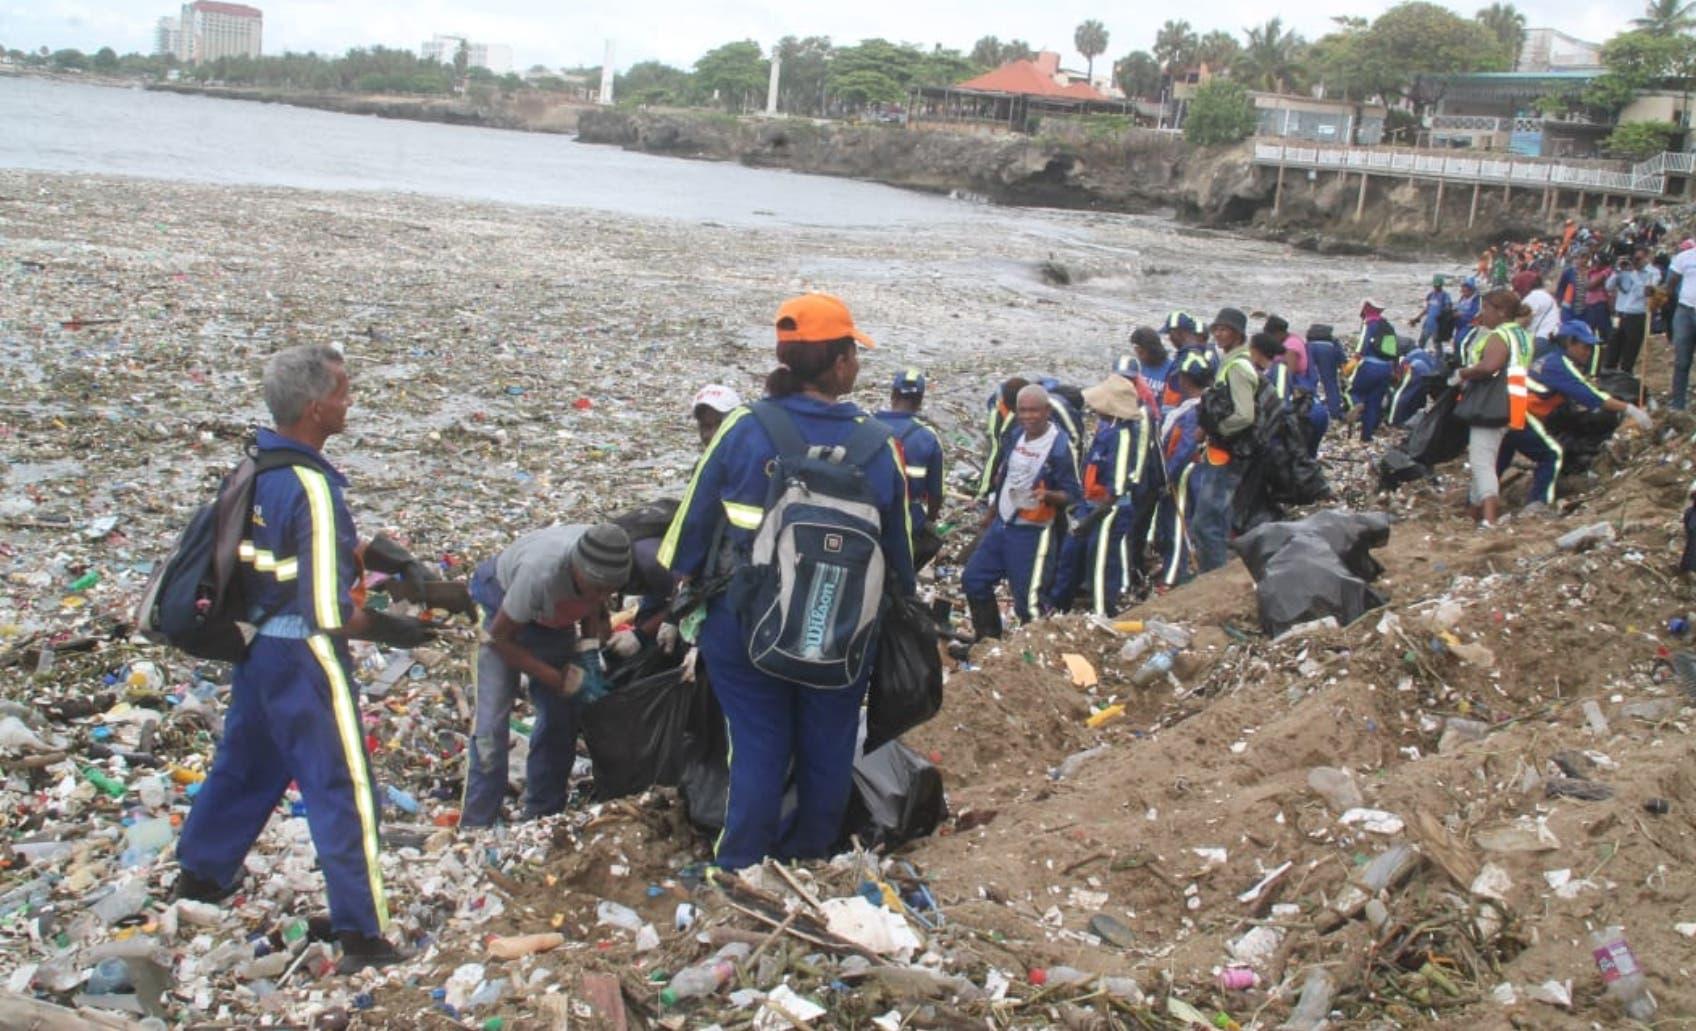 El Ayuntamiento del Distrito Nacional y Obras Públicas han destinado miles de obreros a sacar la basura que llegó al Malecón.